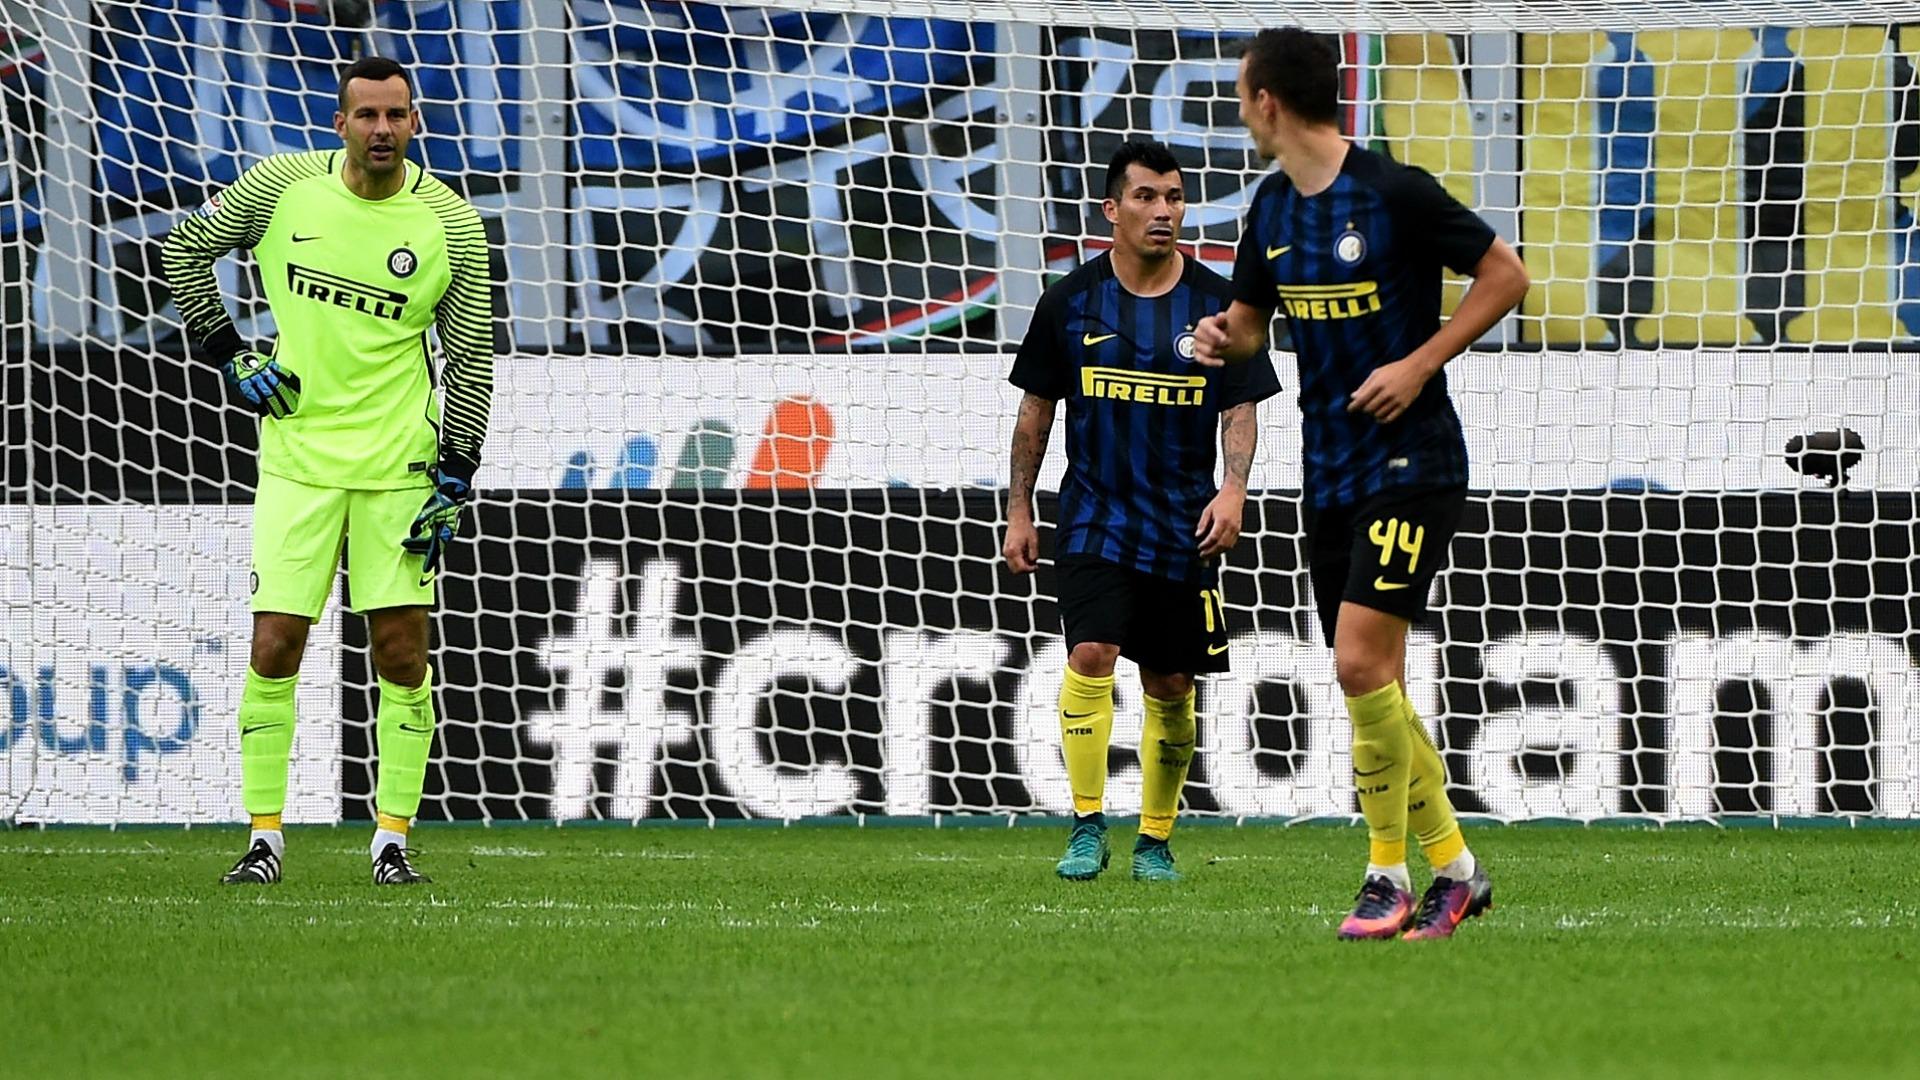 Inter contestata, Handanovic: